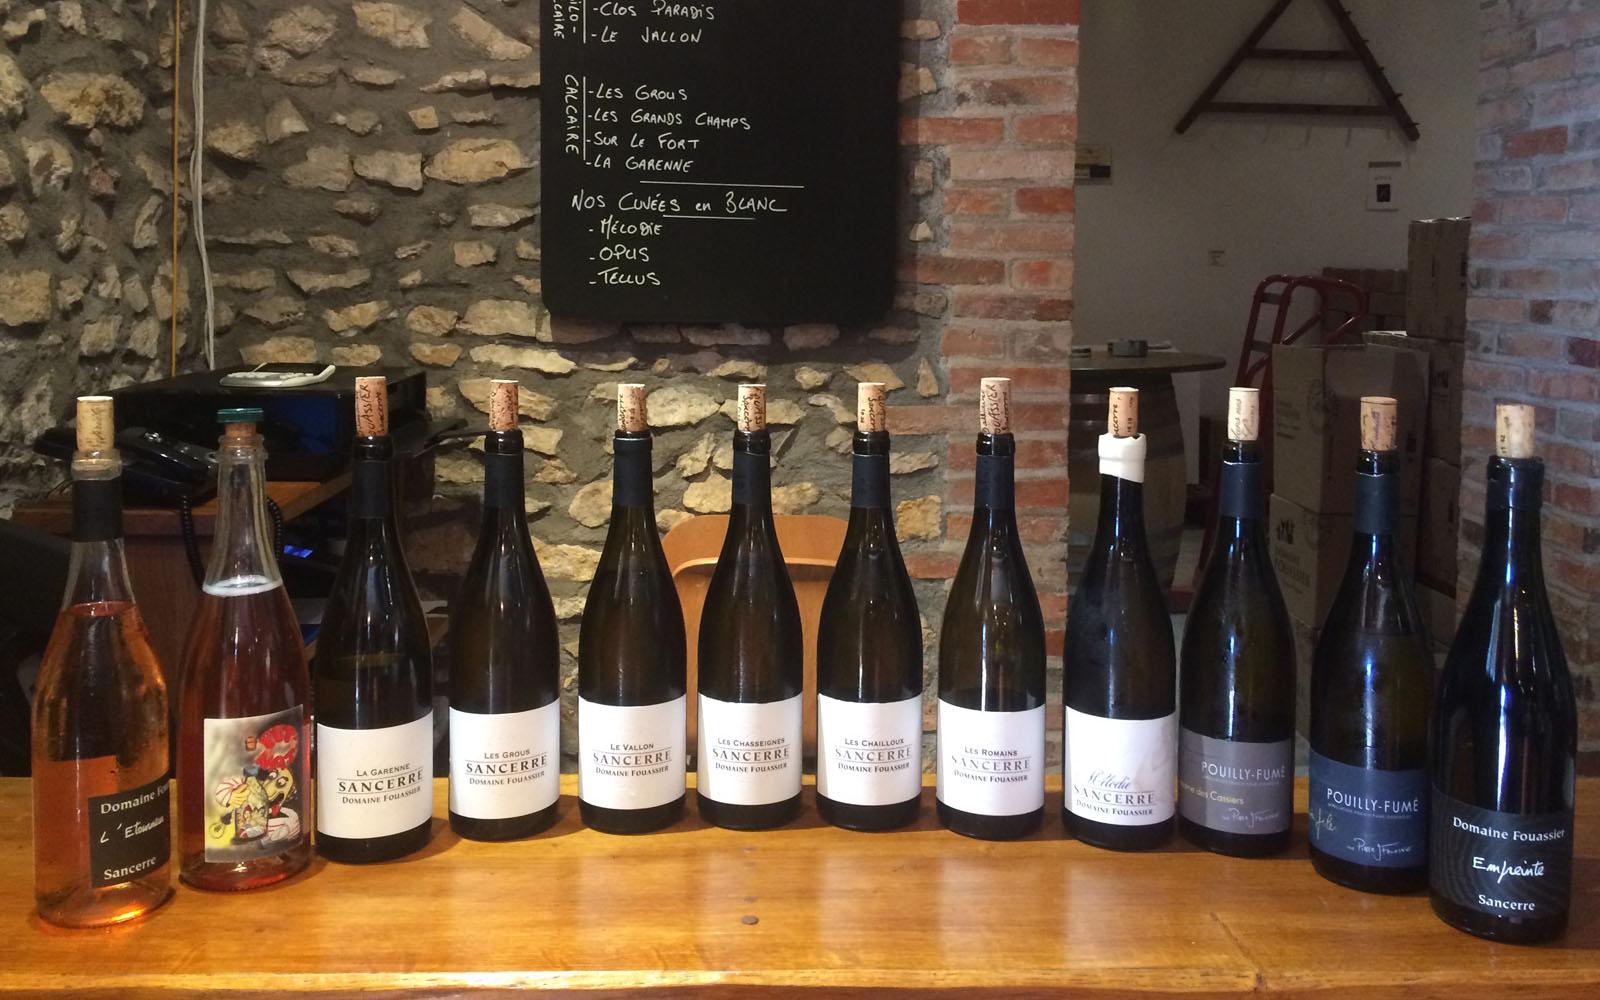 Il ricco ventaglio di bottiglie degustate nel Domaine Fouassier, a Sancerre.